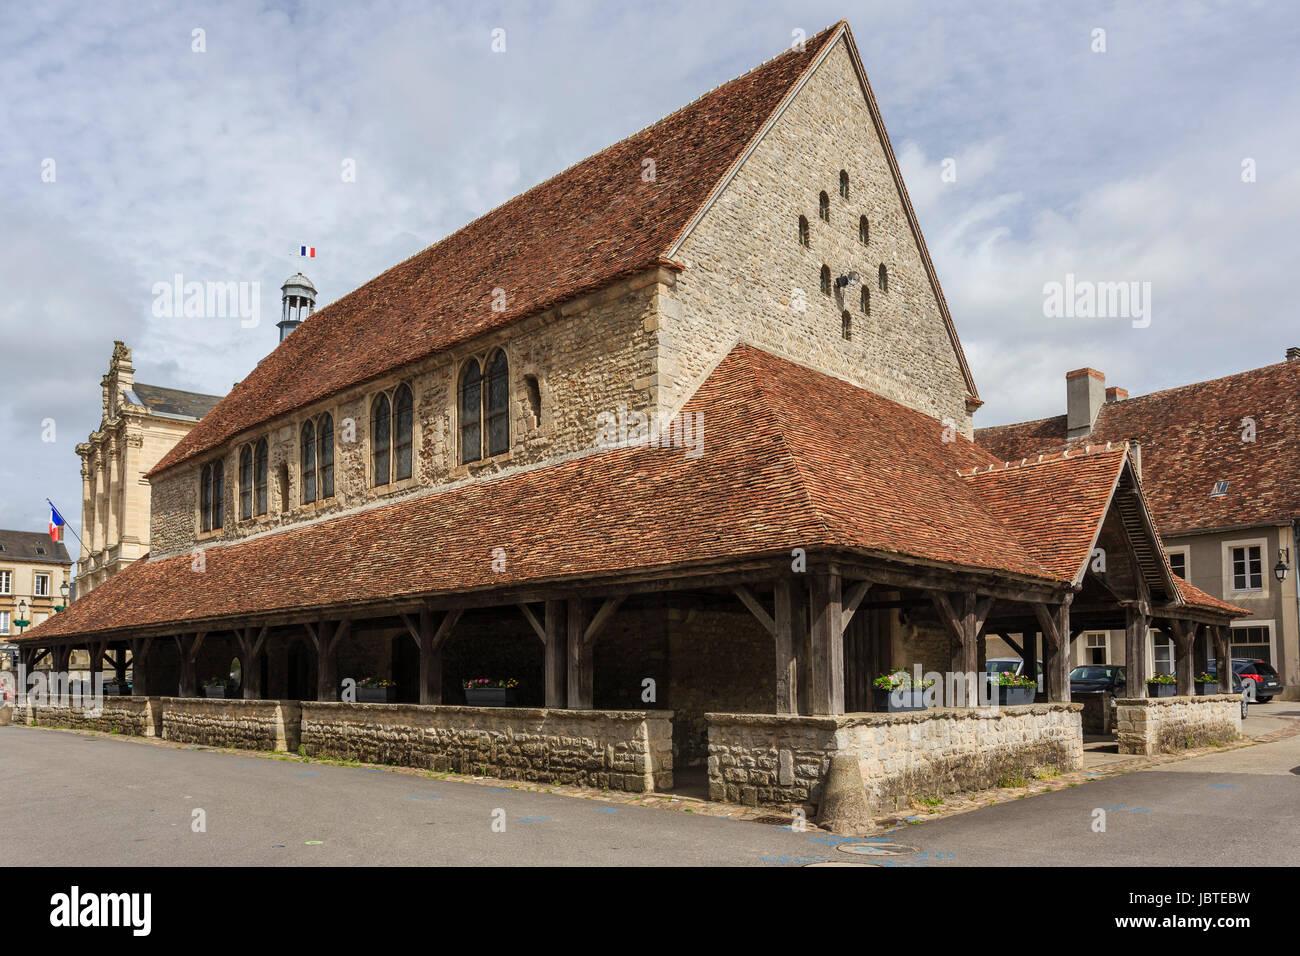 France, Orne (61), Sées, bâtiment du chapitre dit chapelle canoniale // France, Orne, Sees, building chapter - Stock Image